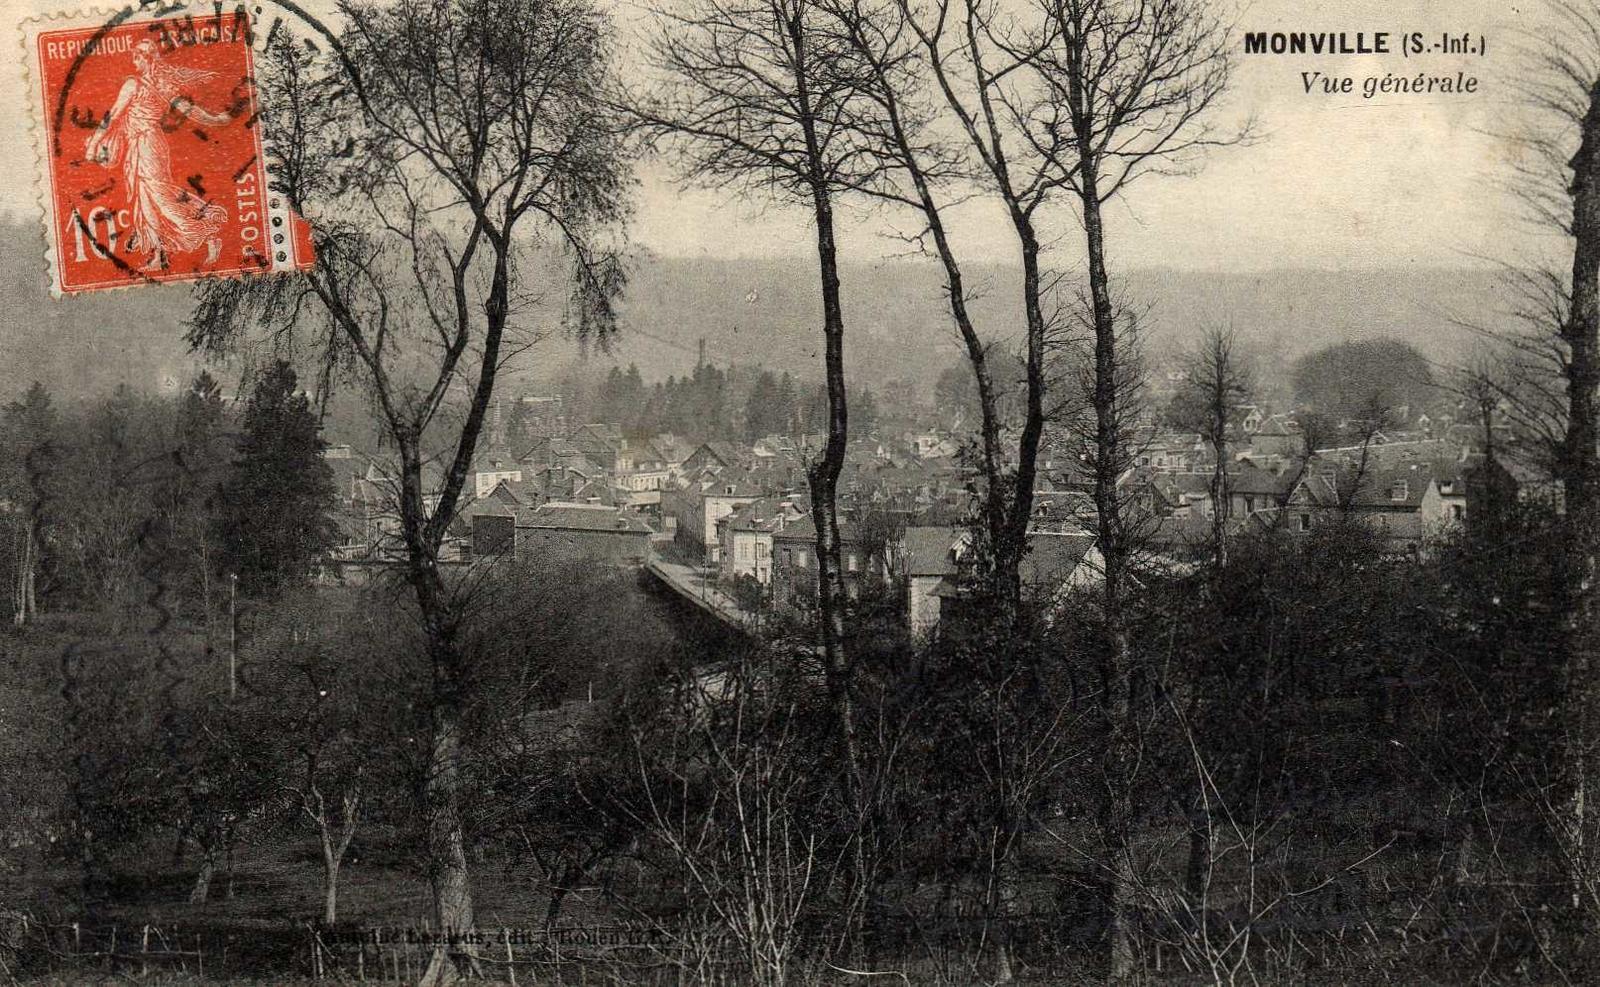 Montville - Salon de cartes postales Dieppe 13/03/2016 - Carte postale ancienne et vue d'Hier et ...